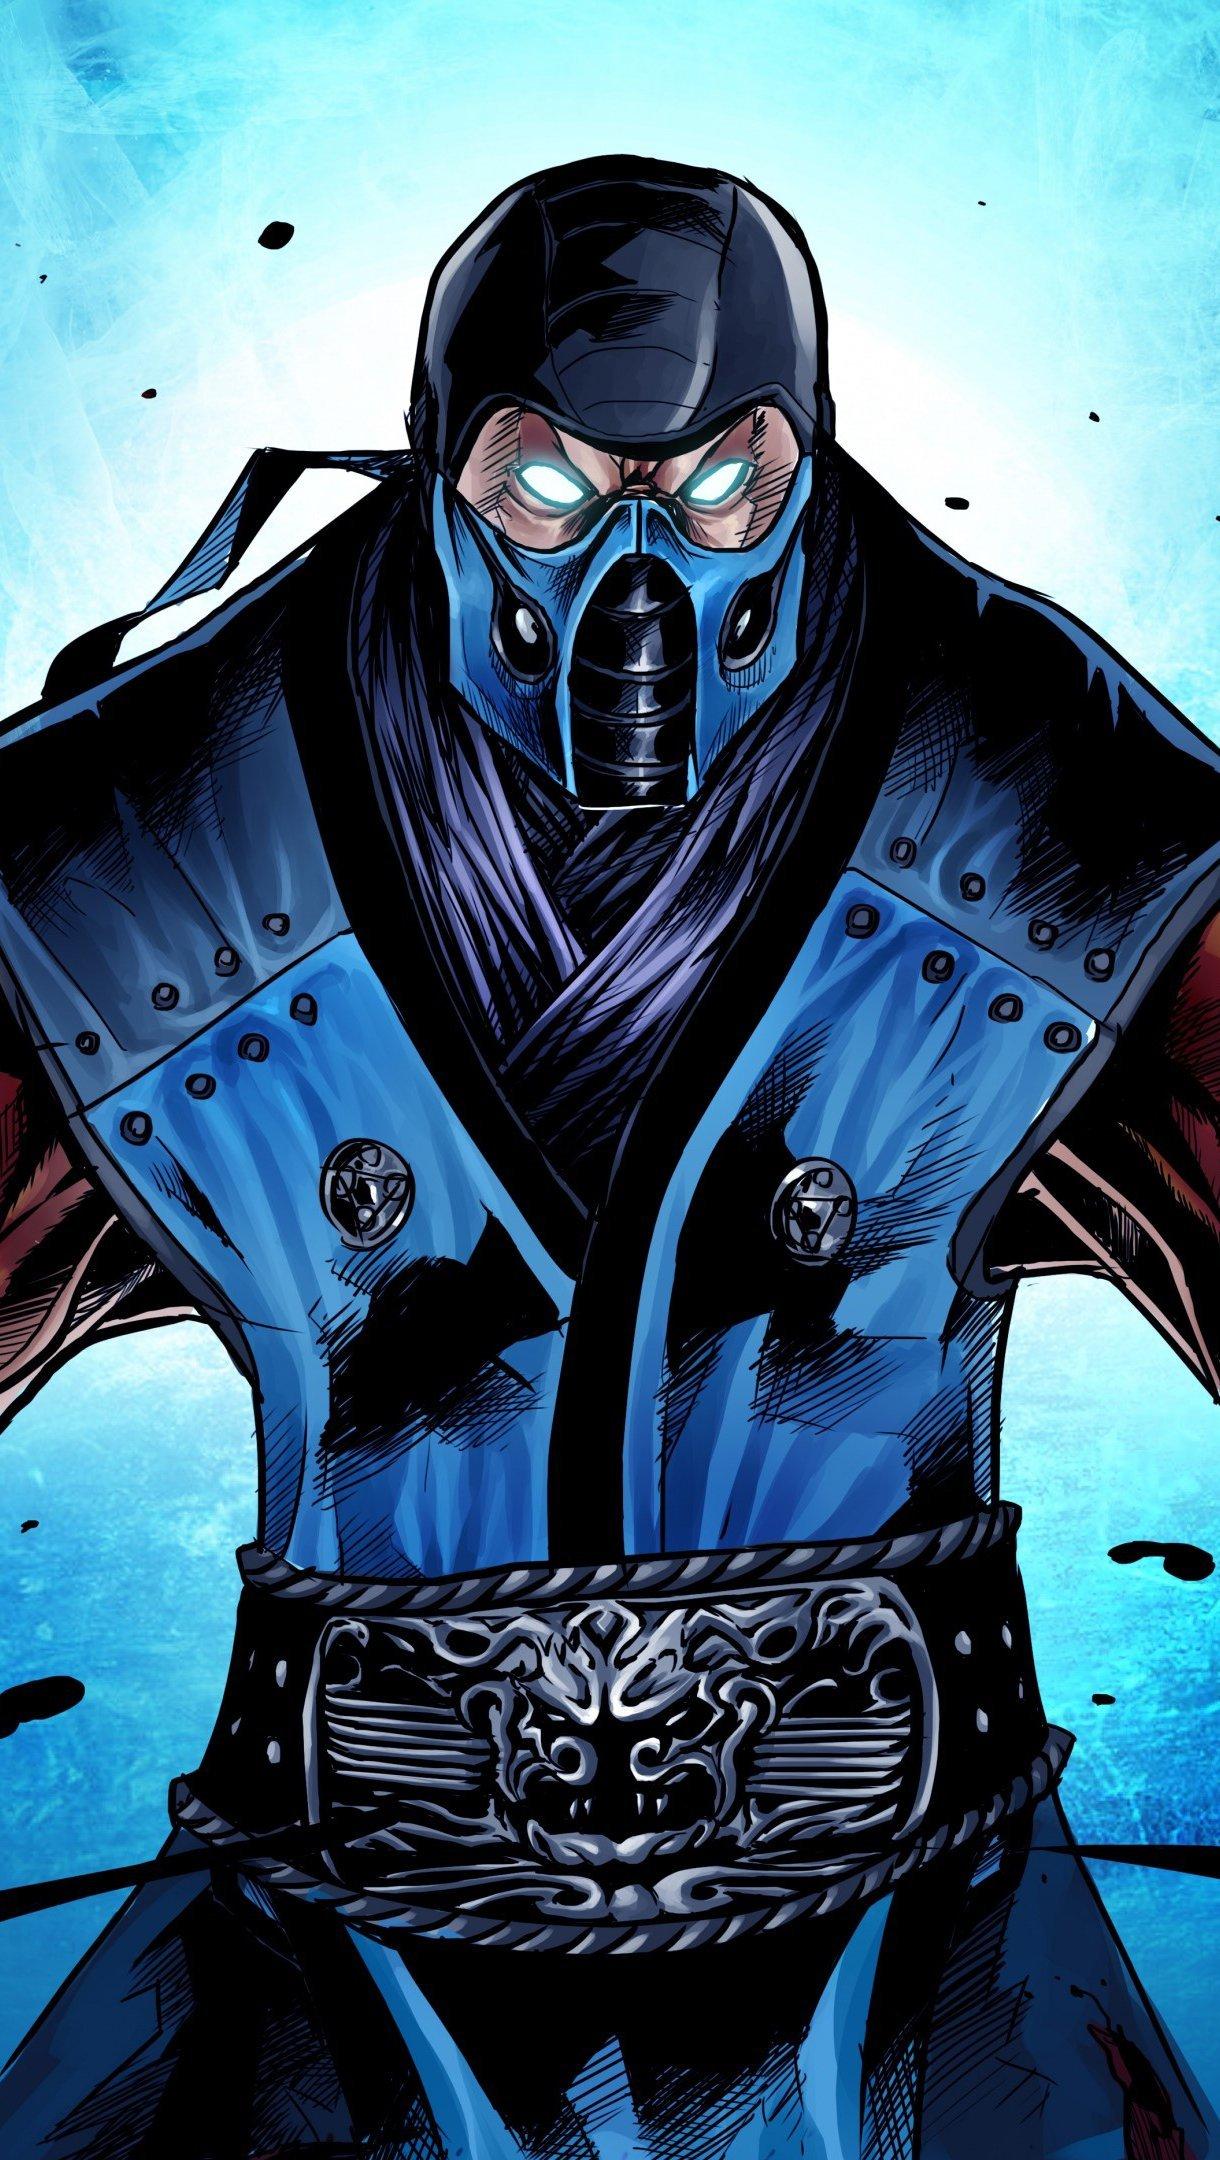 Fondos de pantalla Ninja del juego Mortal Kombat Vertical